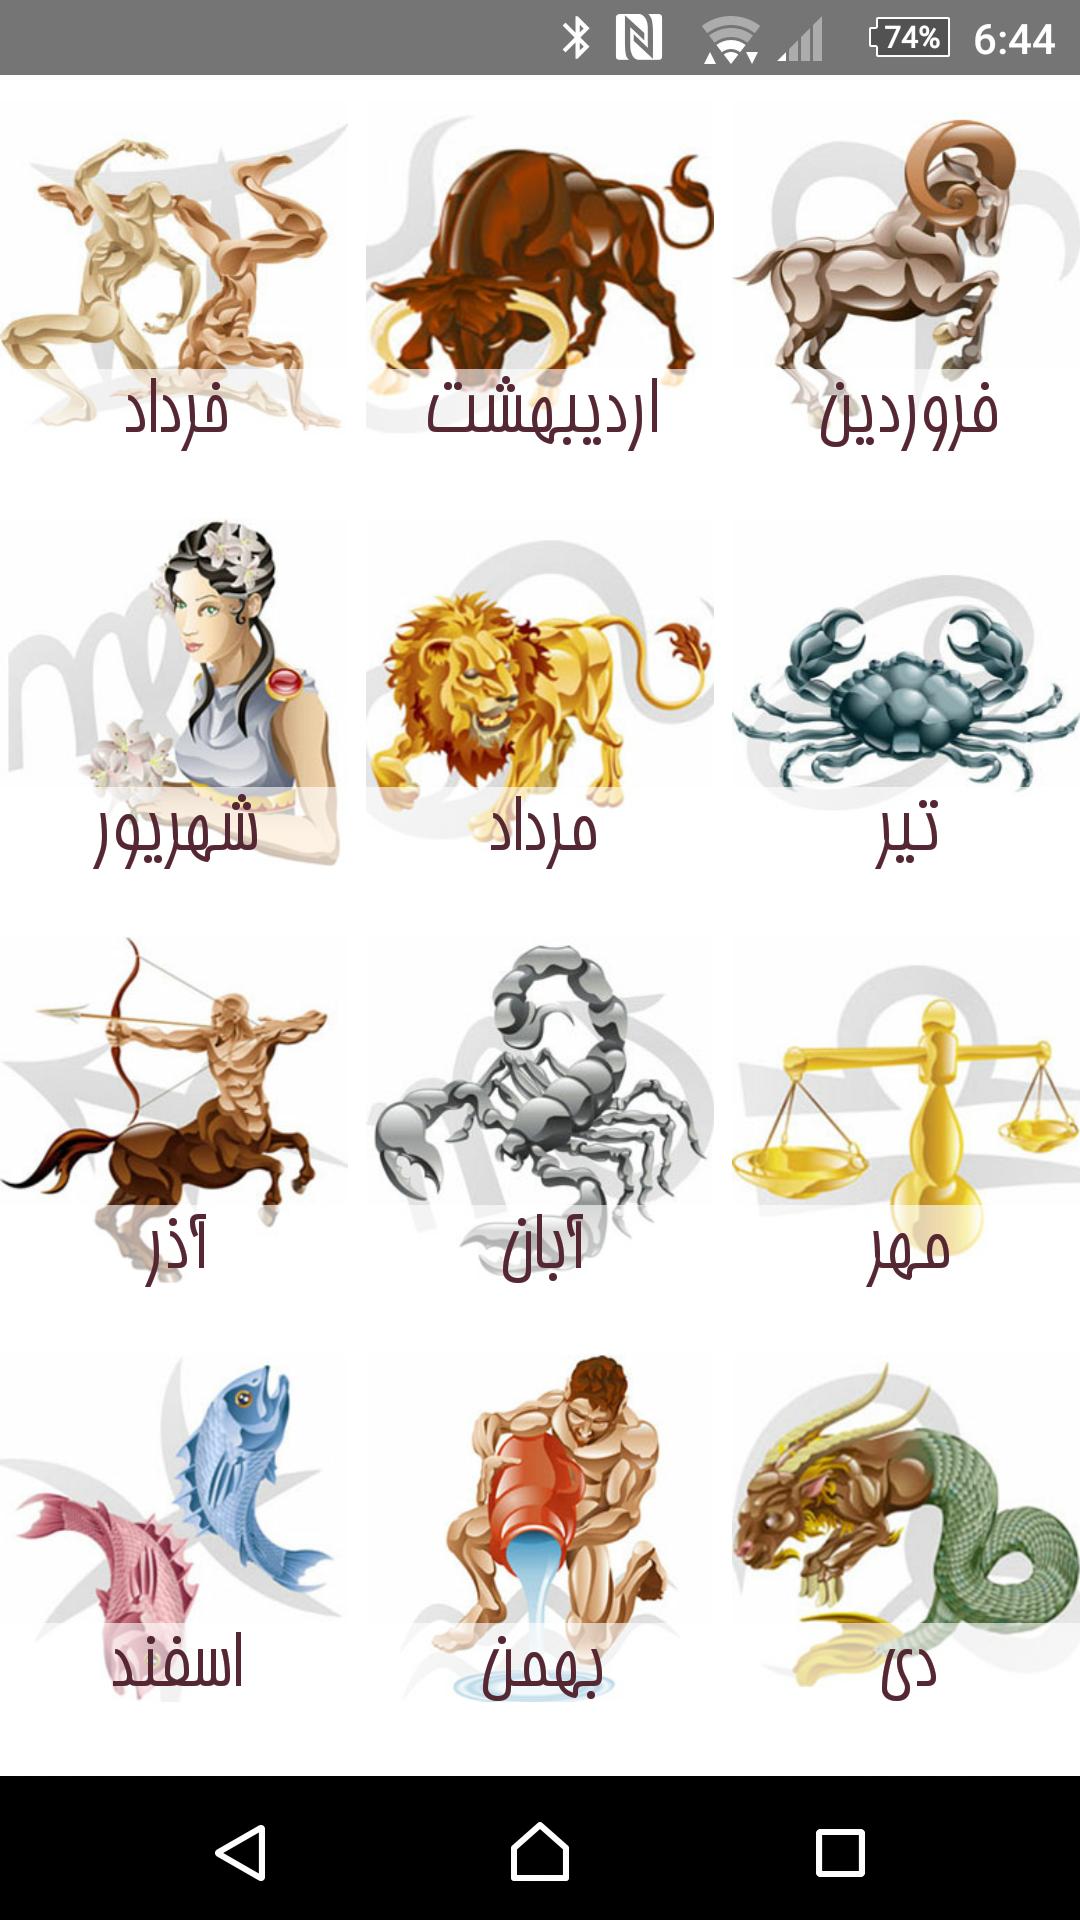 حیوان های سال و ماه